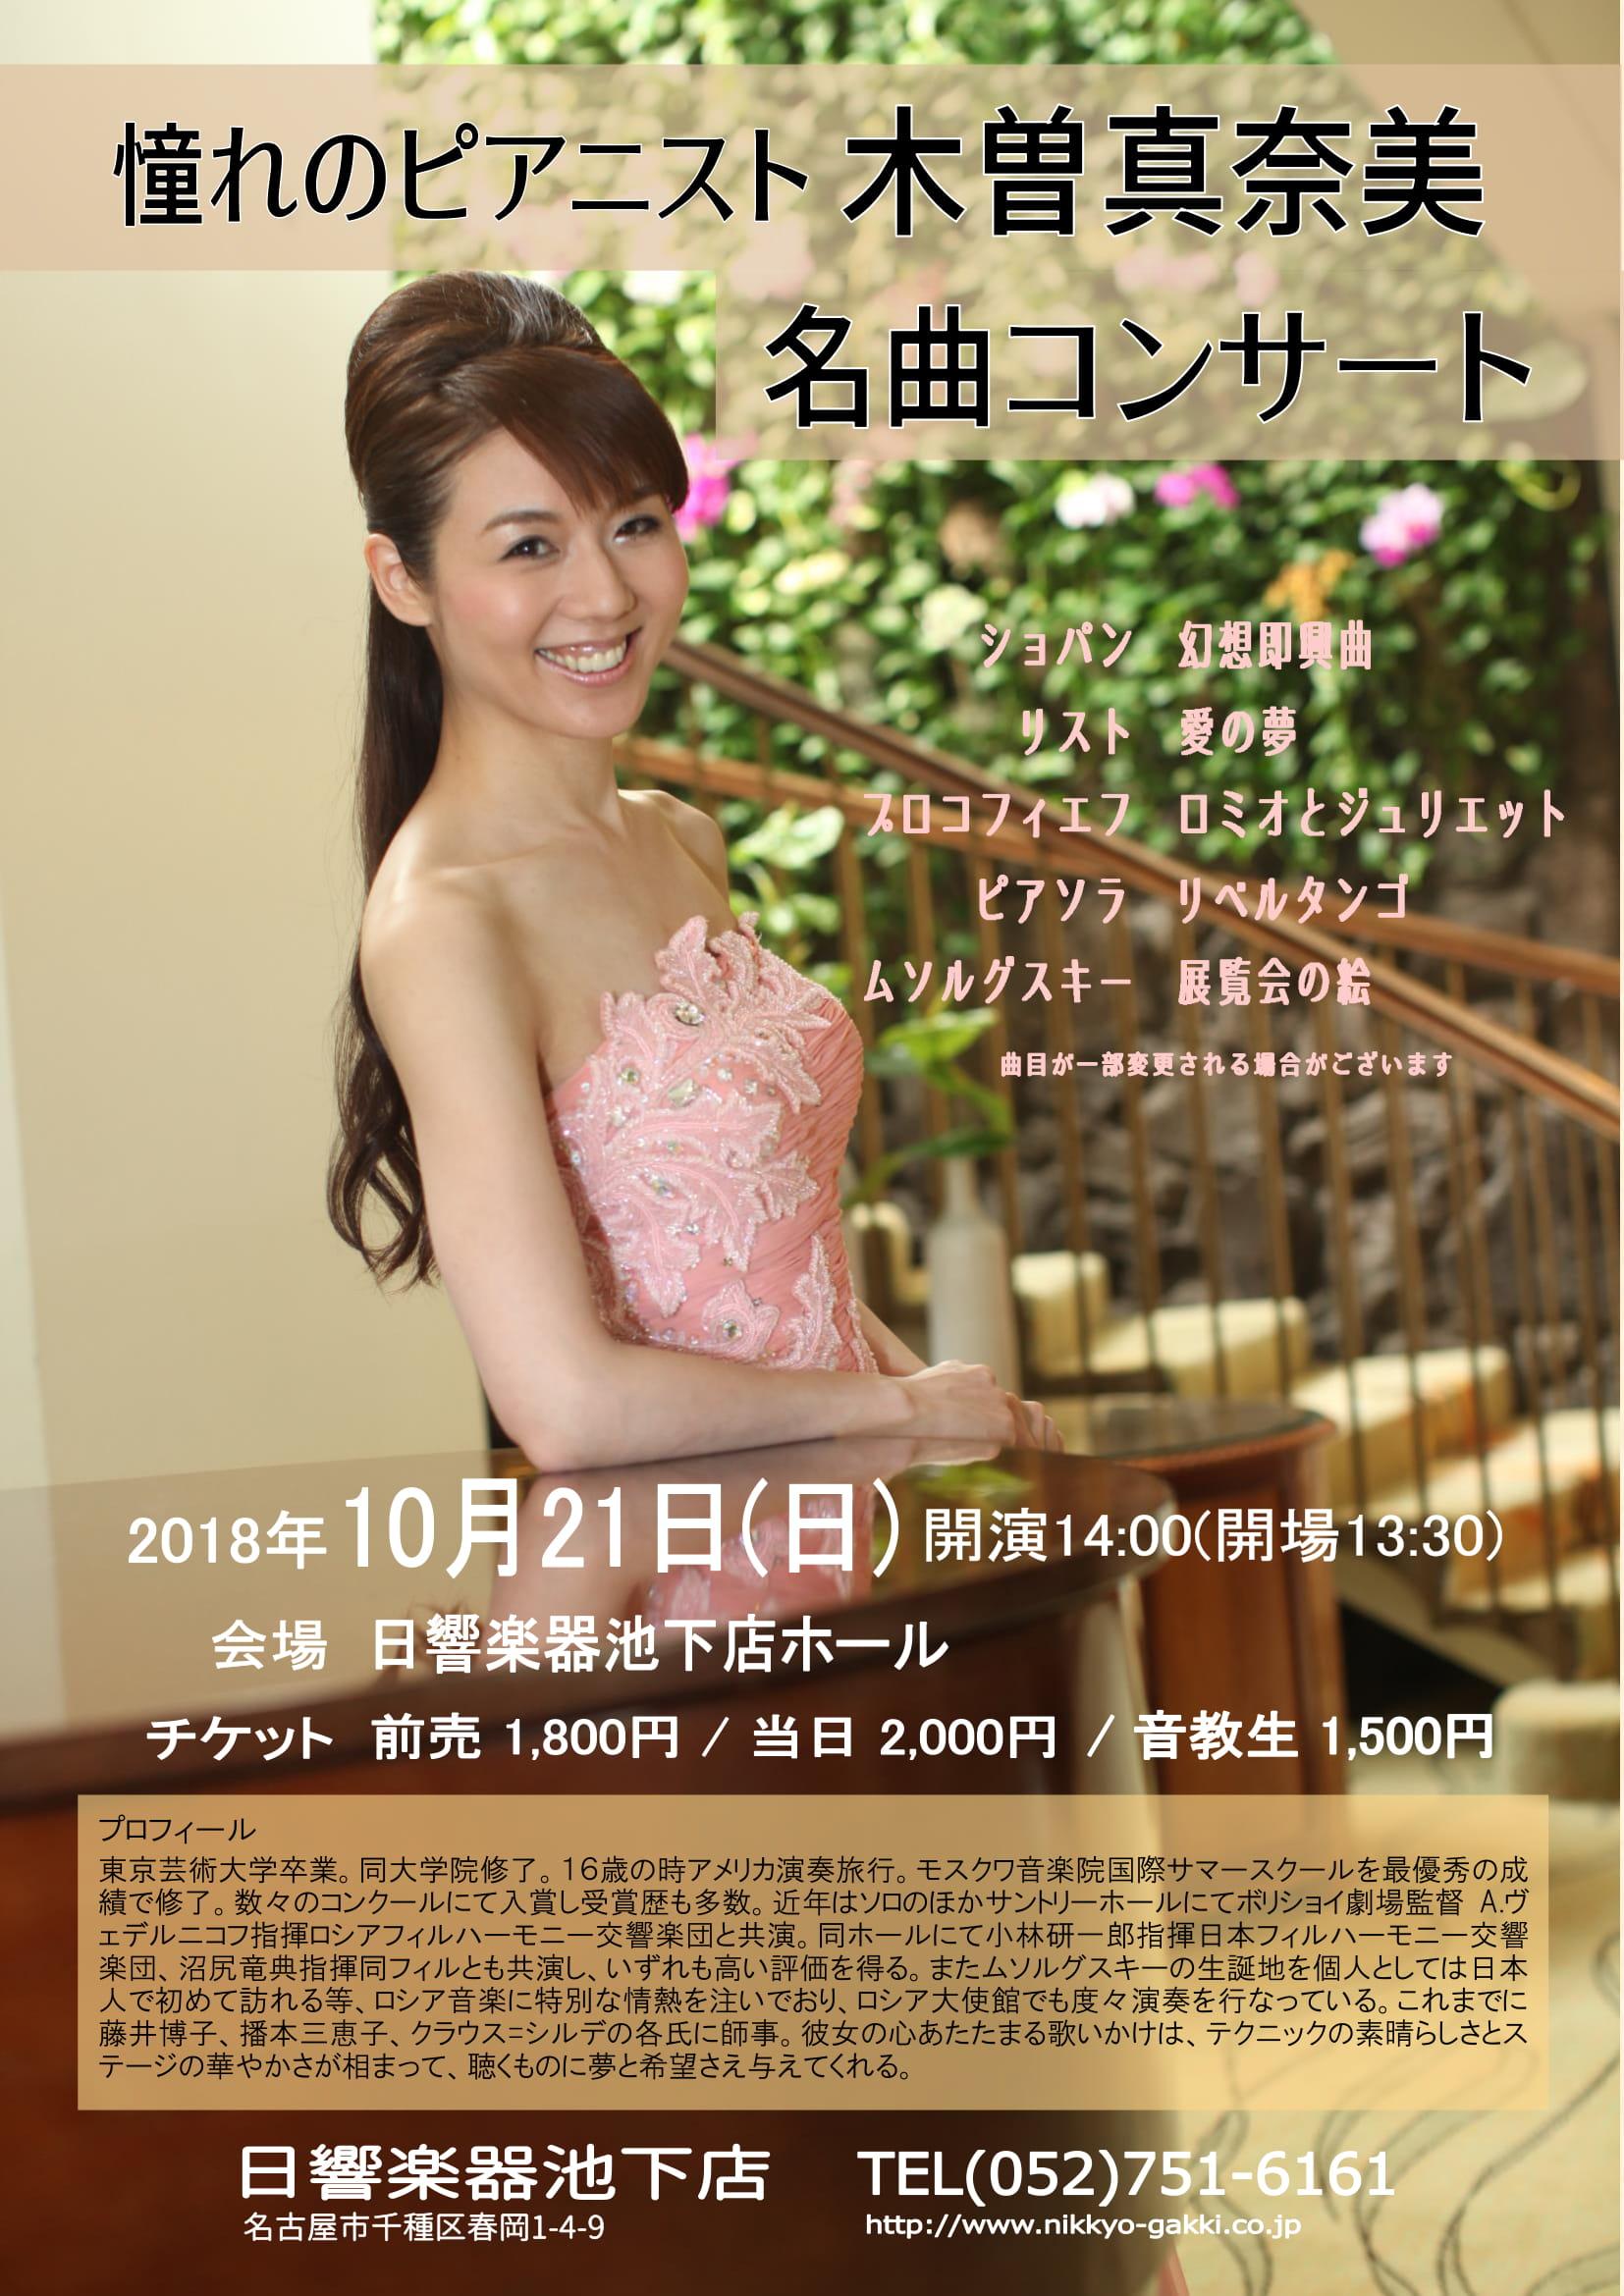 木曽真奈美ピアノコンサートチラシ-1